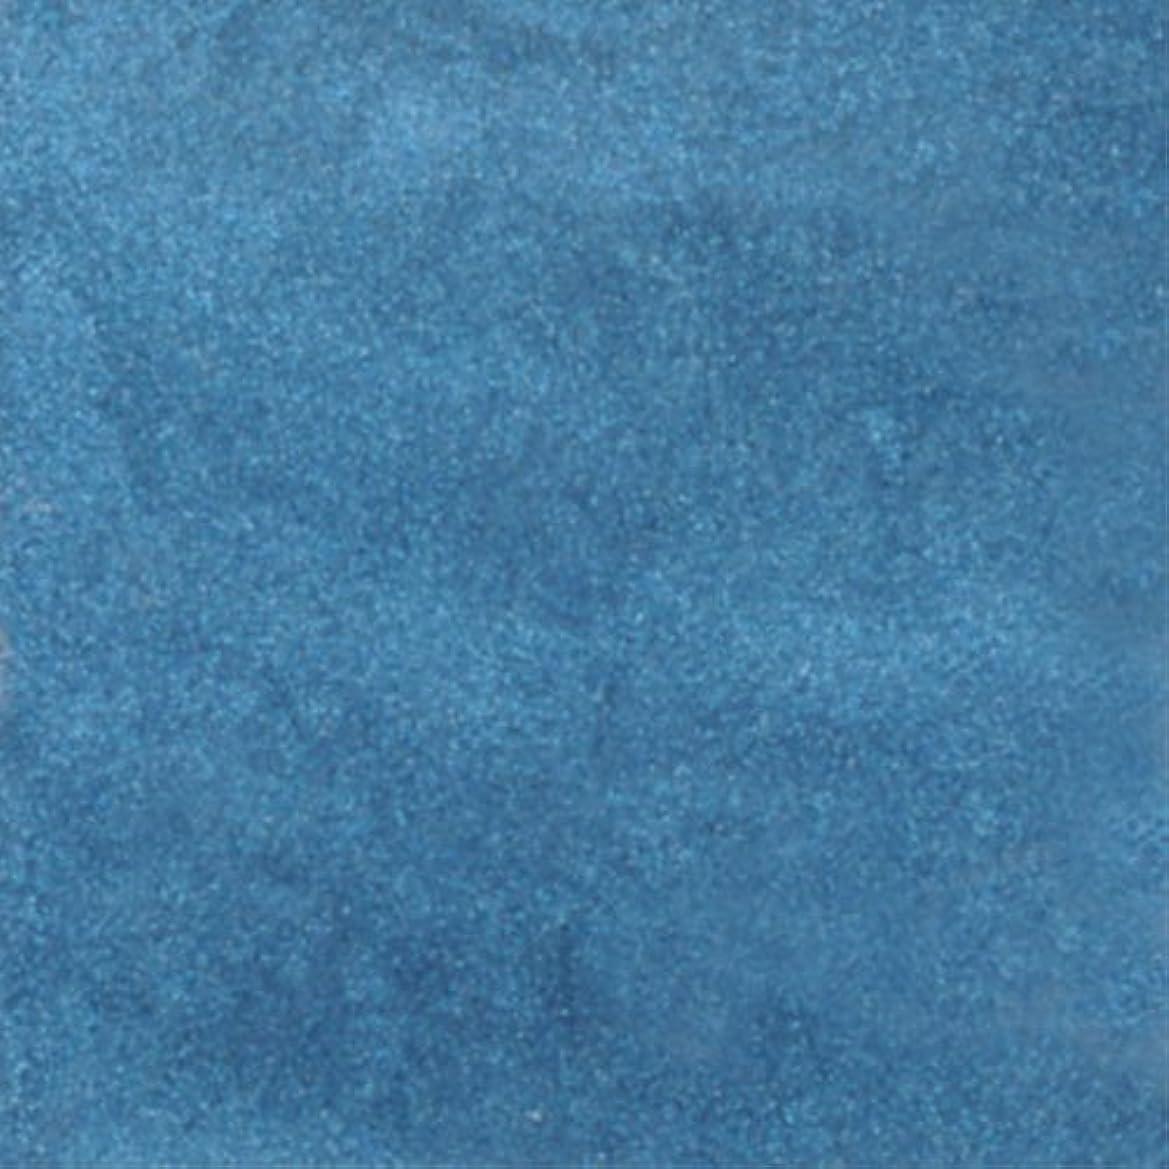 ブートマニア共感するピカエース ネイル用パウダー ピカエース シャインパウダー #813 藍色 0.25g アート材